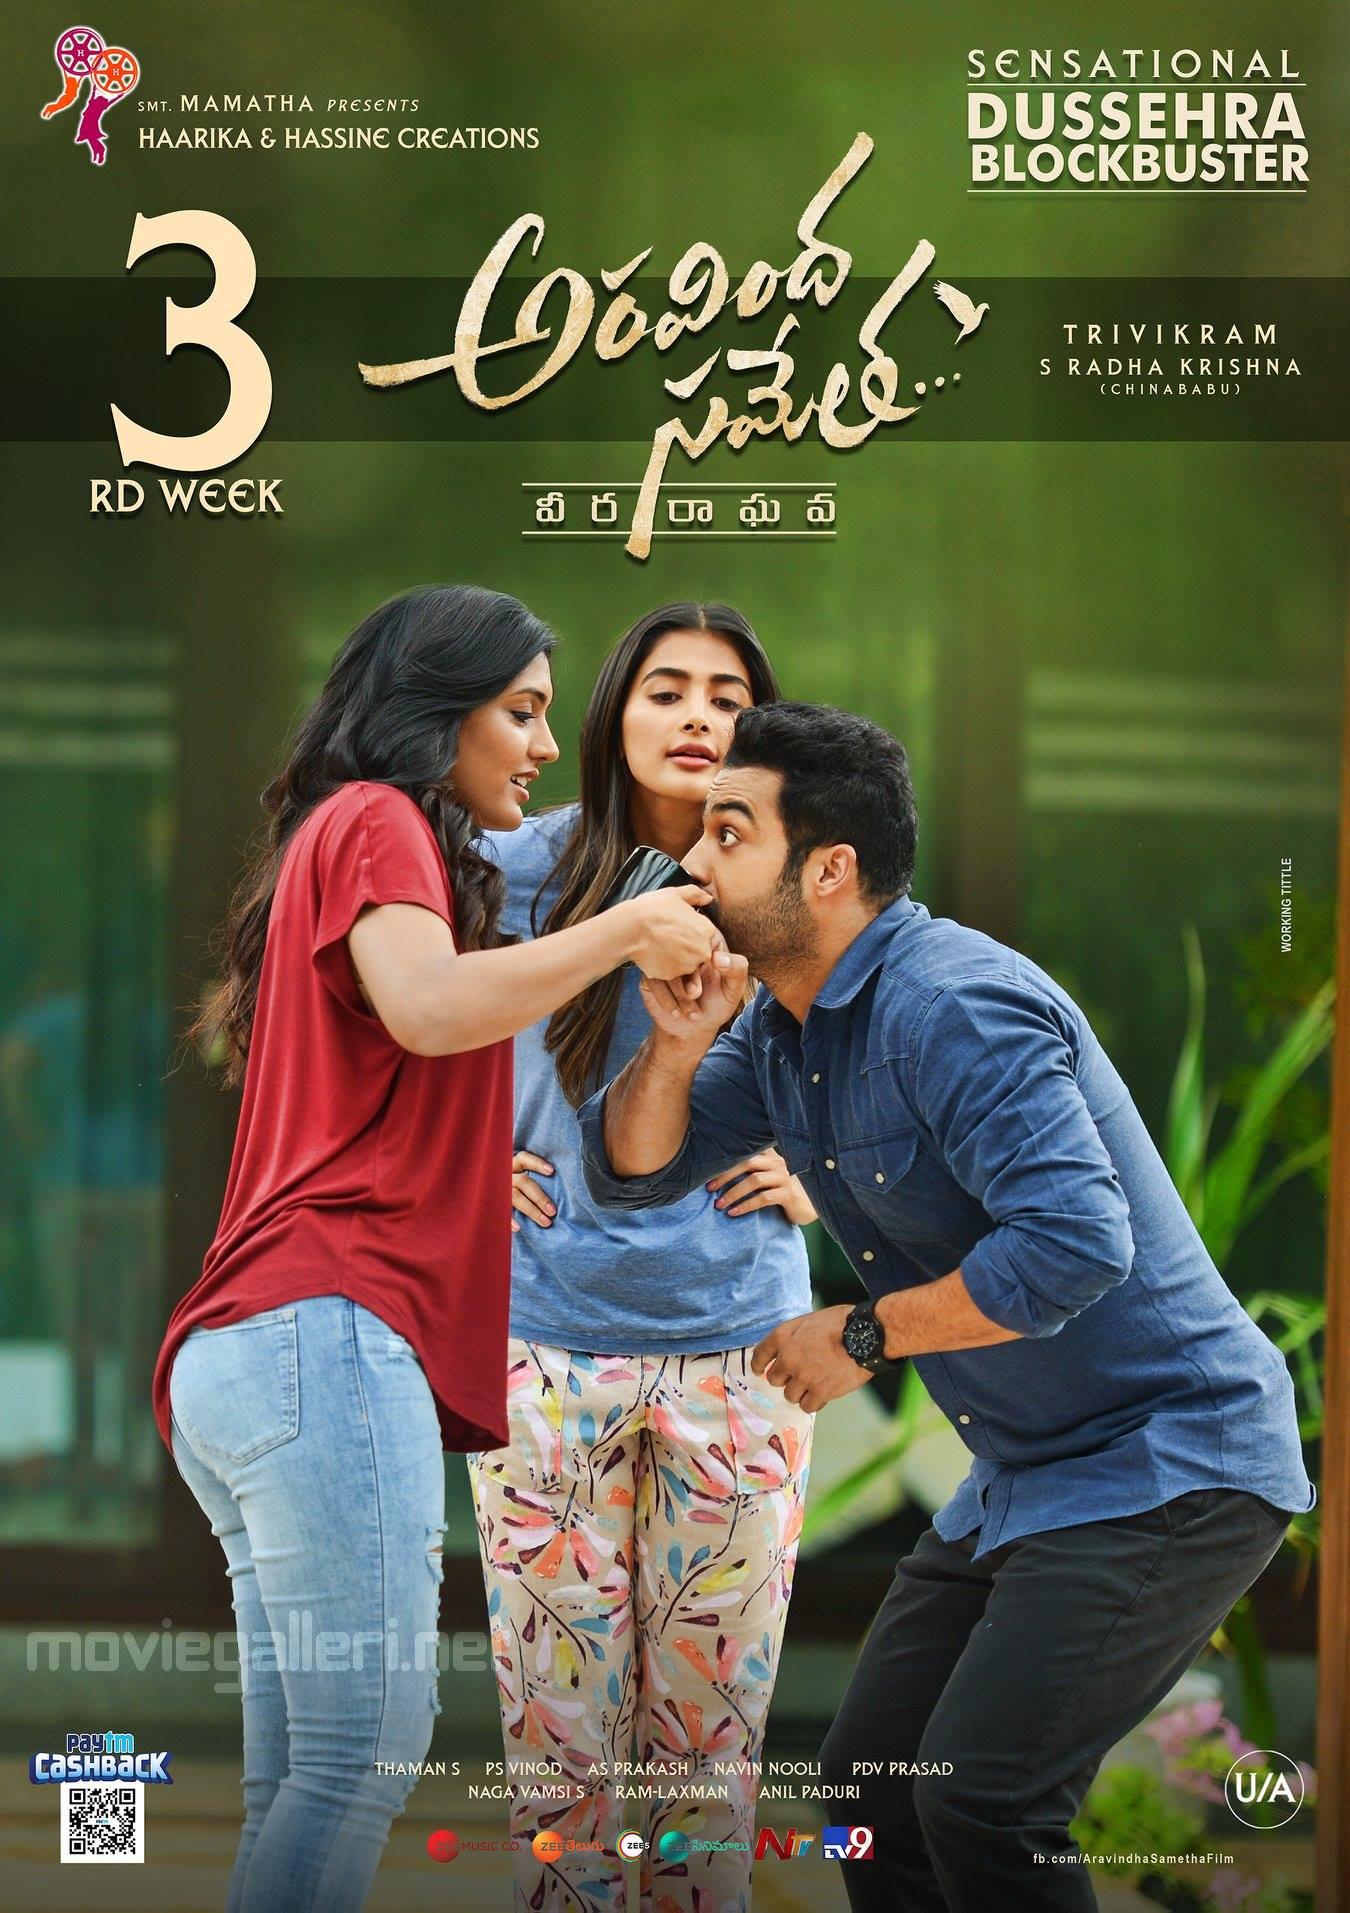 Eesha Rebba Pooja Hegde Jr NTR Aravinda Sametha 3rd Week Posters HD